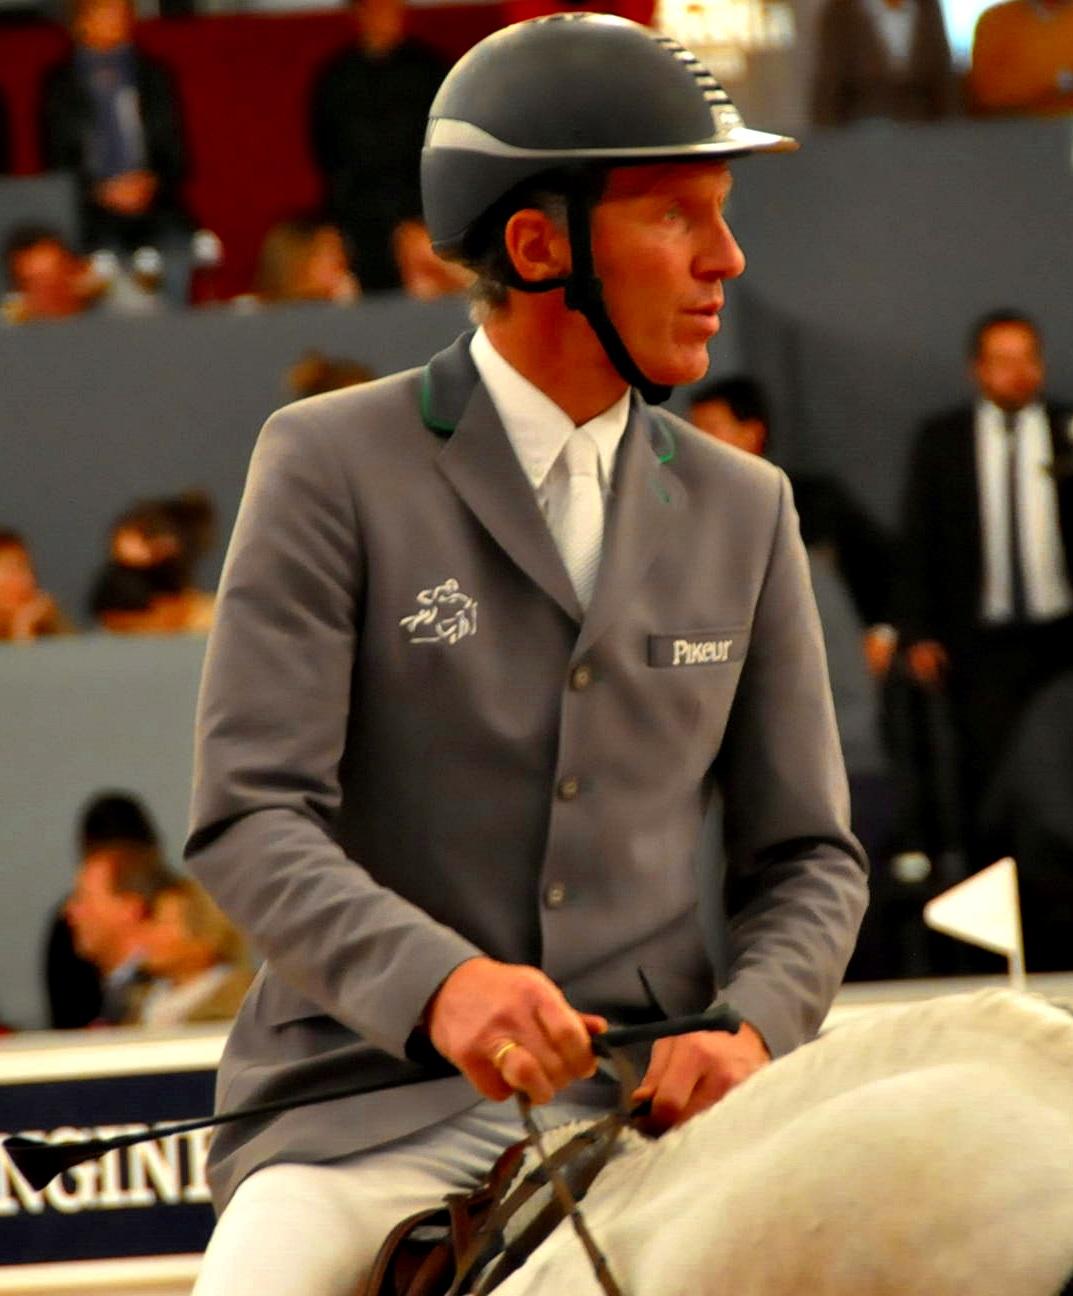 Ludeger Beerbaum un grande en el MHW 2014